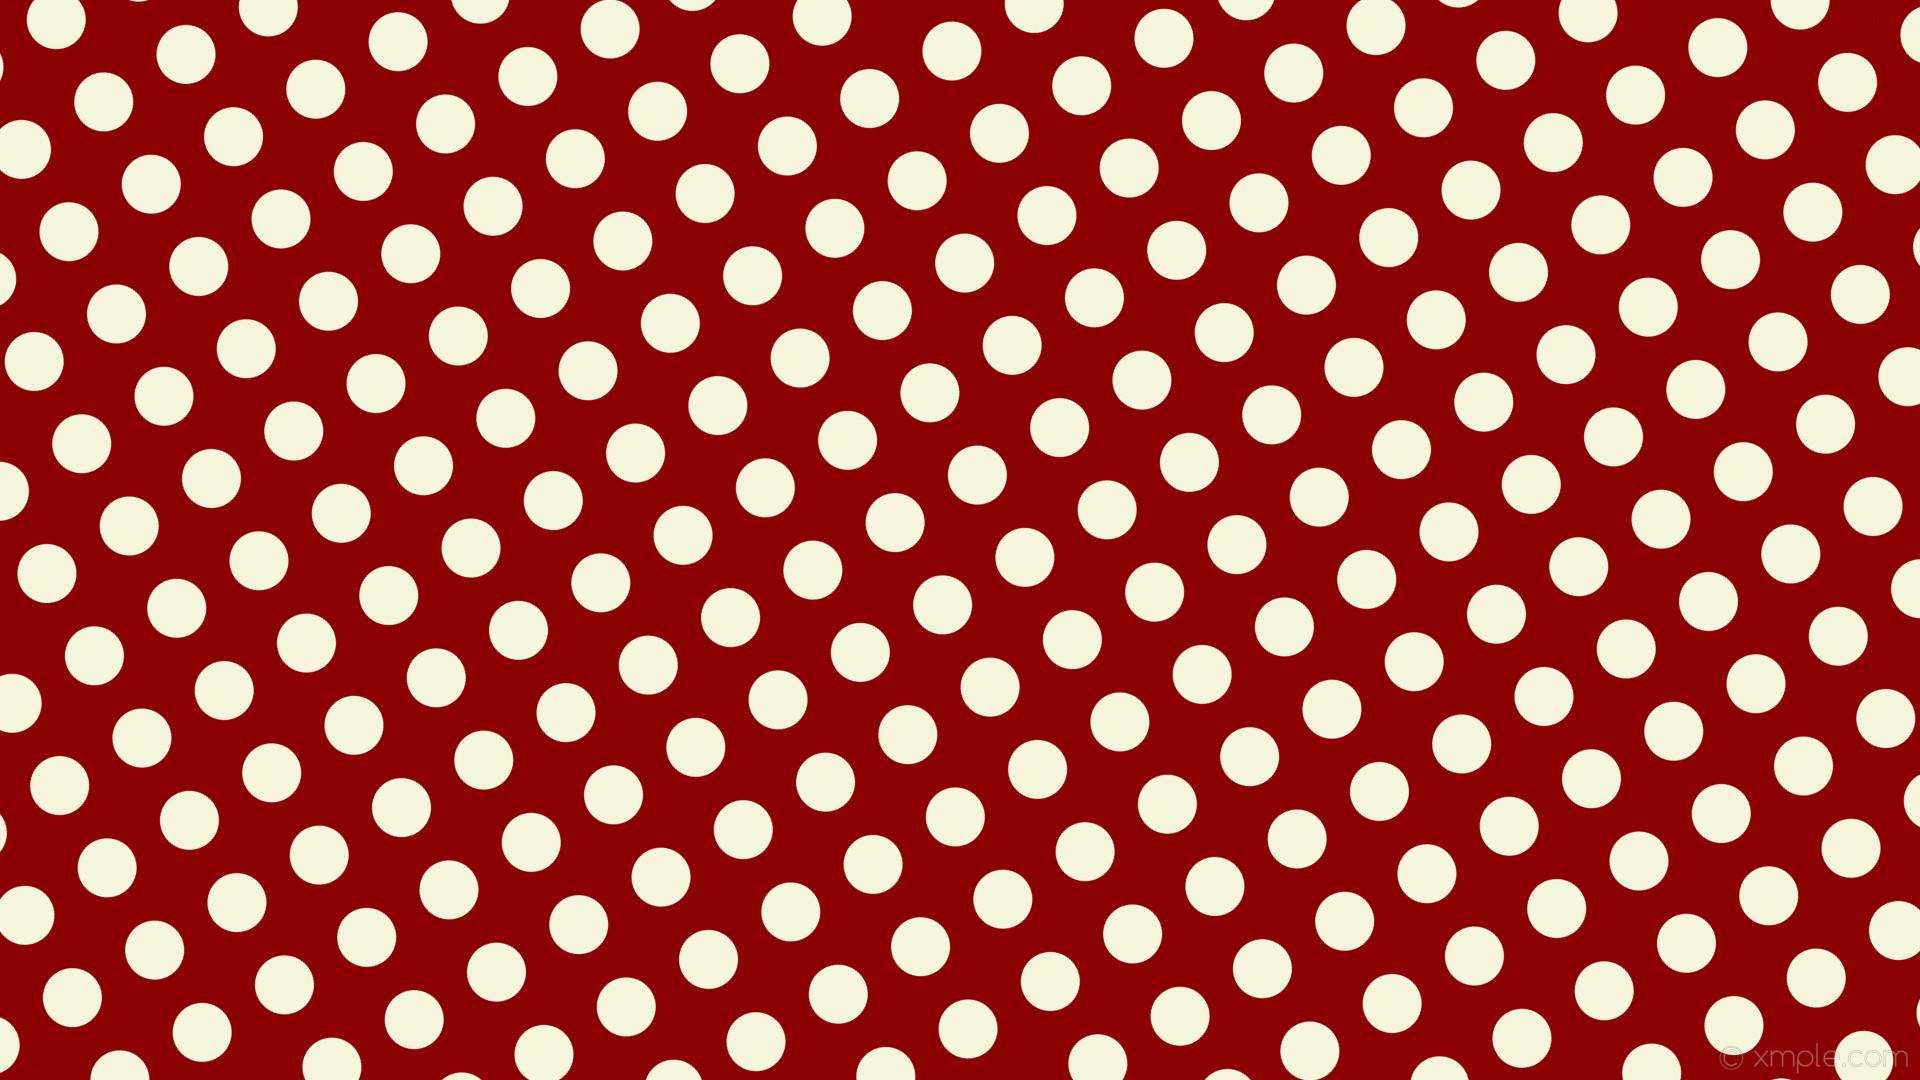 wallpaper dots red polka spots white dark red beige #8b0000 #f5f5dc 300°  59px